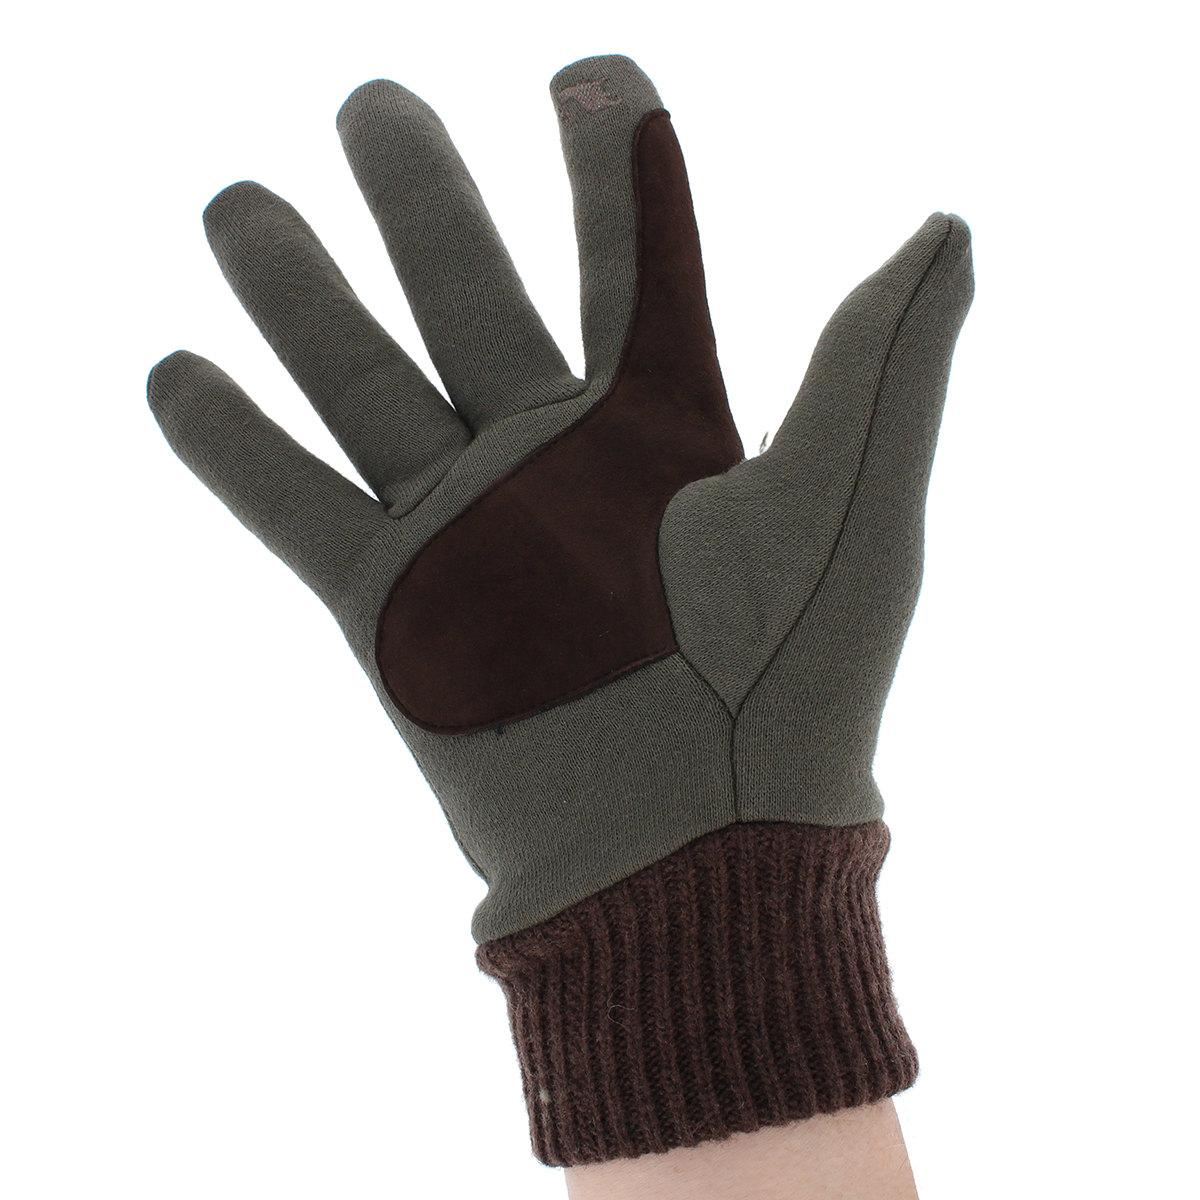 メンズ手袋 スマホ対応 すべり止め付 人気ブランド オロビアンコ orobianco 男性用 防寒 軽い 暖か シンプル 通学 通勤 フリーサイズ